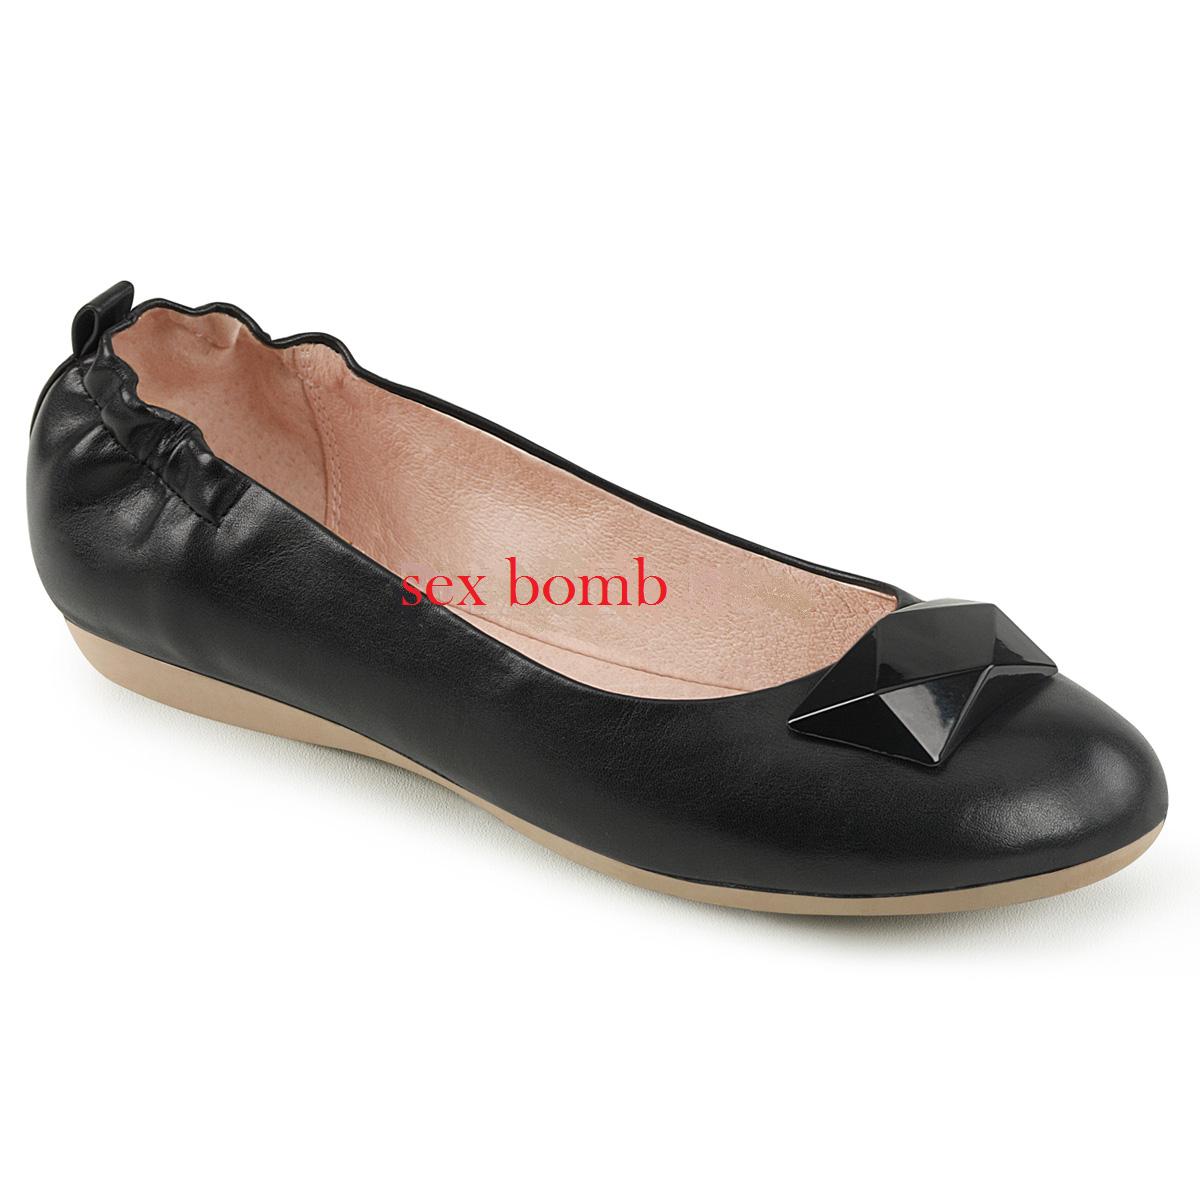 BALLERINE NERE elasticizzato pieghevoli dal 35 al 41 tacco elasticizzato NERE scarpe GLAMOUR chic 67a725